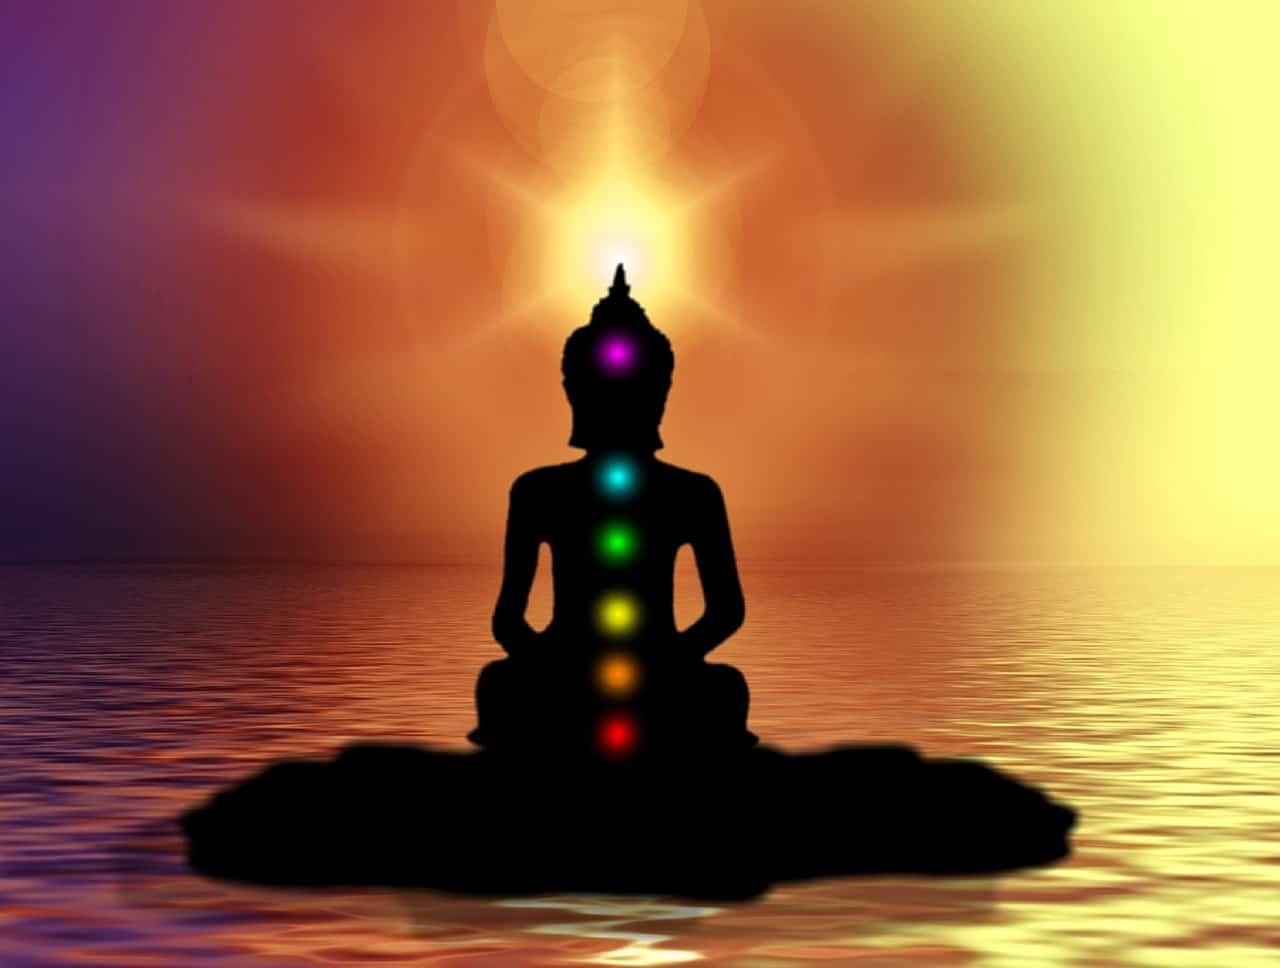 aura 1063278 1280 que son los chakras y como activarlos i236763